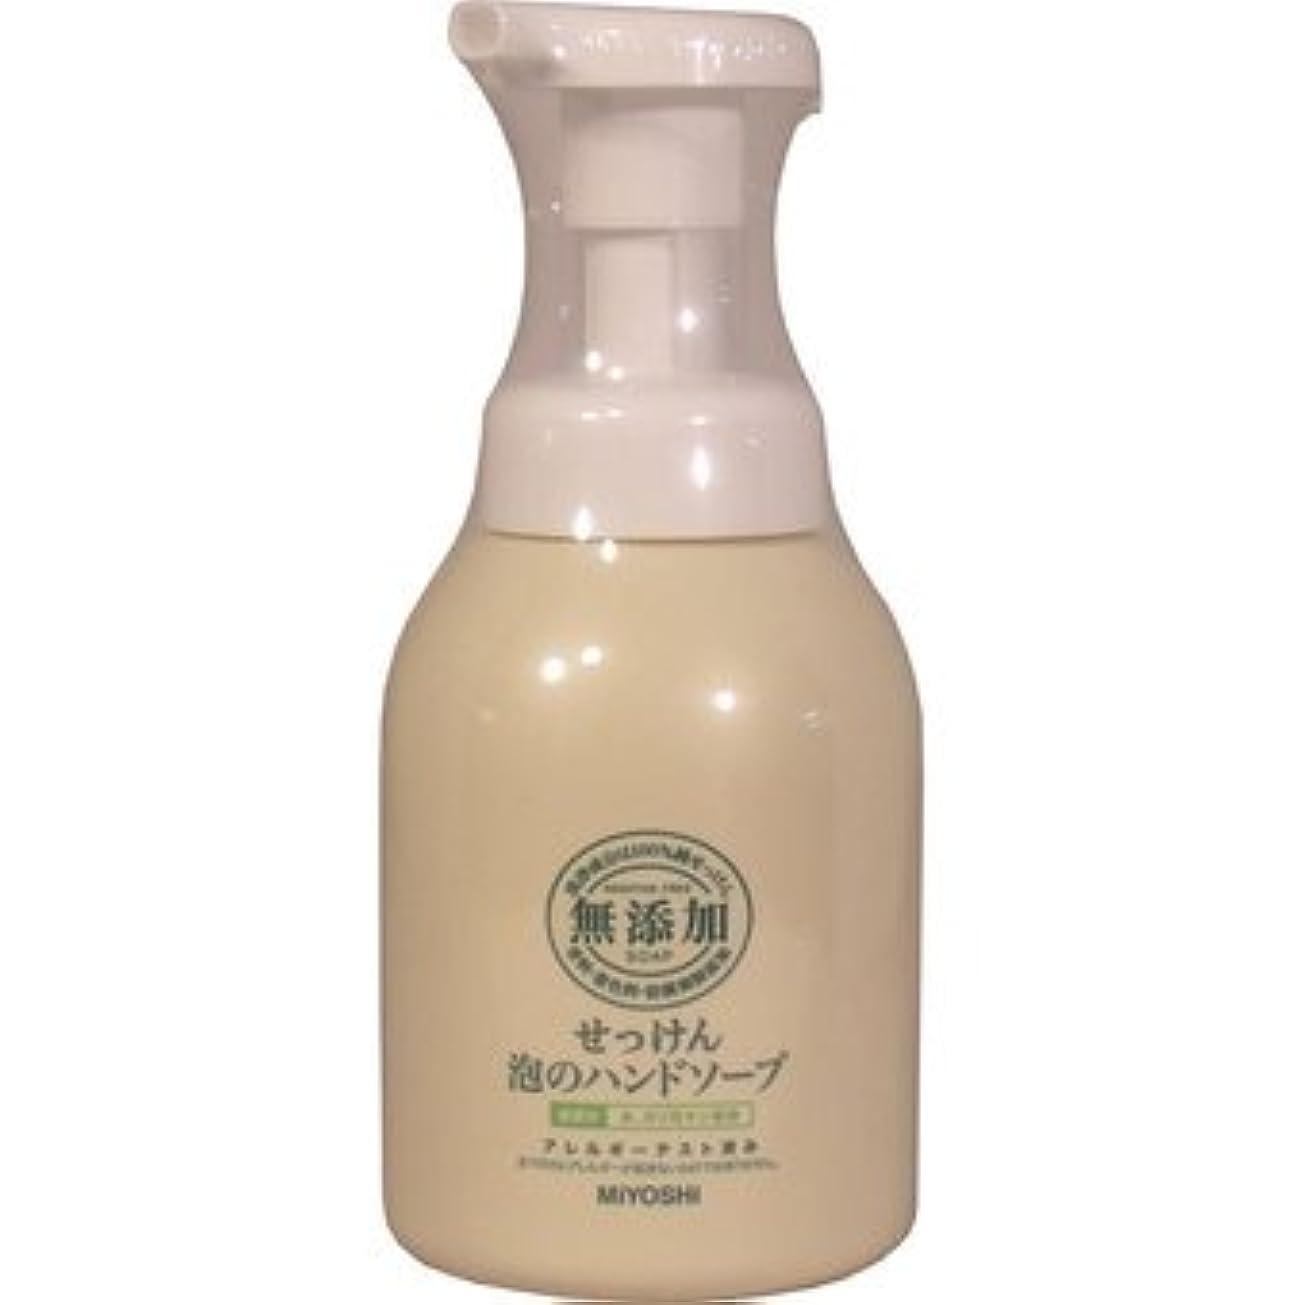 裁判官複製する憂鬱なミヨシ石鹸 無添加 せっけん 泡のハンドソープ 250ml(無添加石鹸)×24点セット (4537130100677)